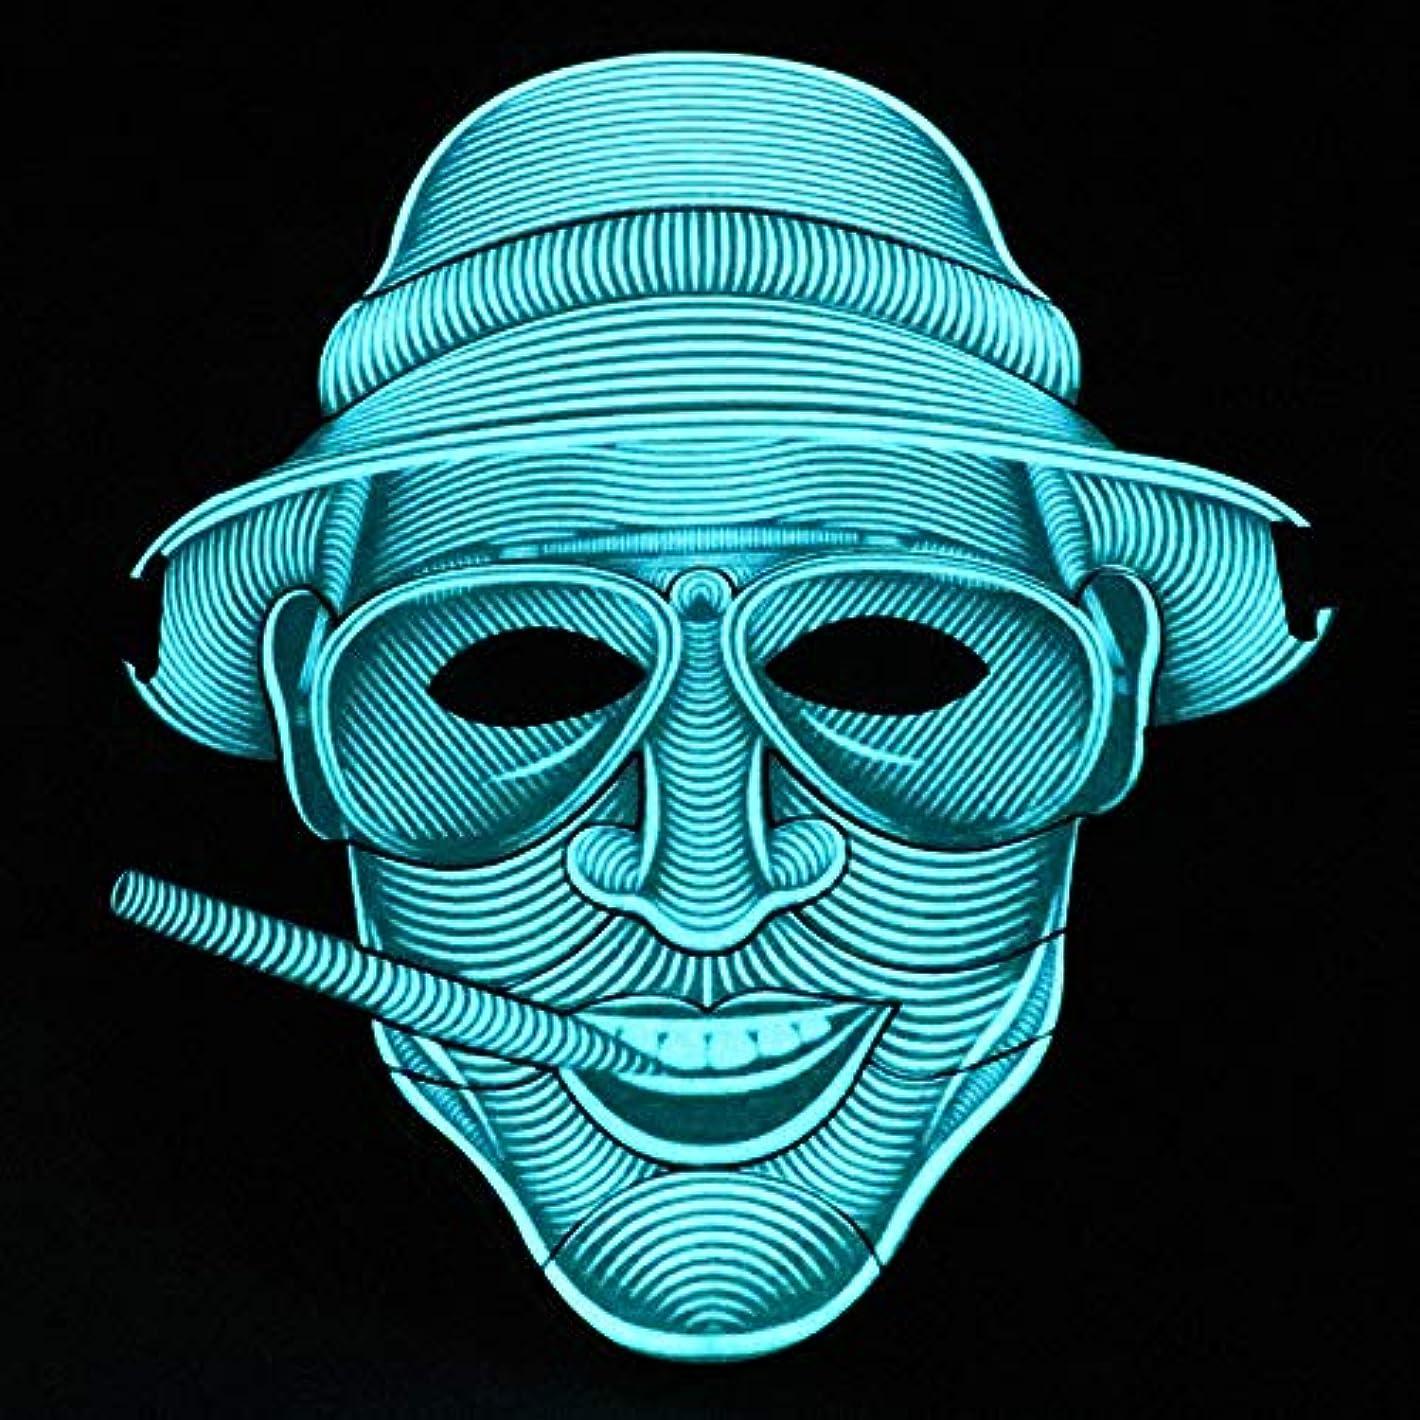 パキスタンギャンブル在庫照らされたマスクLED創造的な冷光音響制御マスクハロウィンバーフェスティバルダンスマスク (Color : #16)